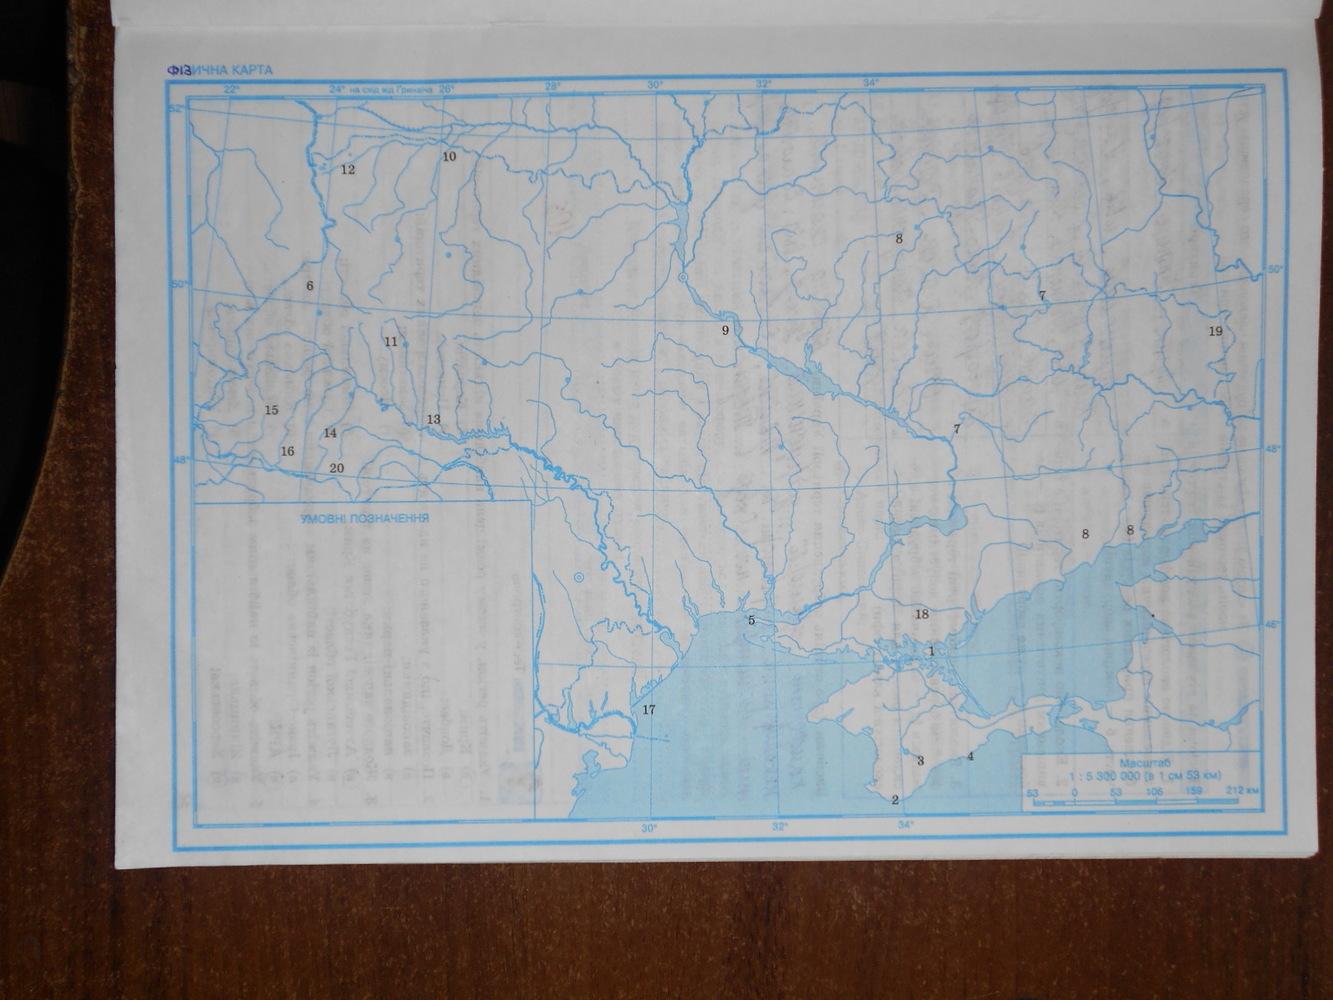 ГДЗ відповіді робочий зошит по географии 8 класс Т.Г. Гільберг, В.М. Проценко. Задание: стр. 31